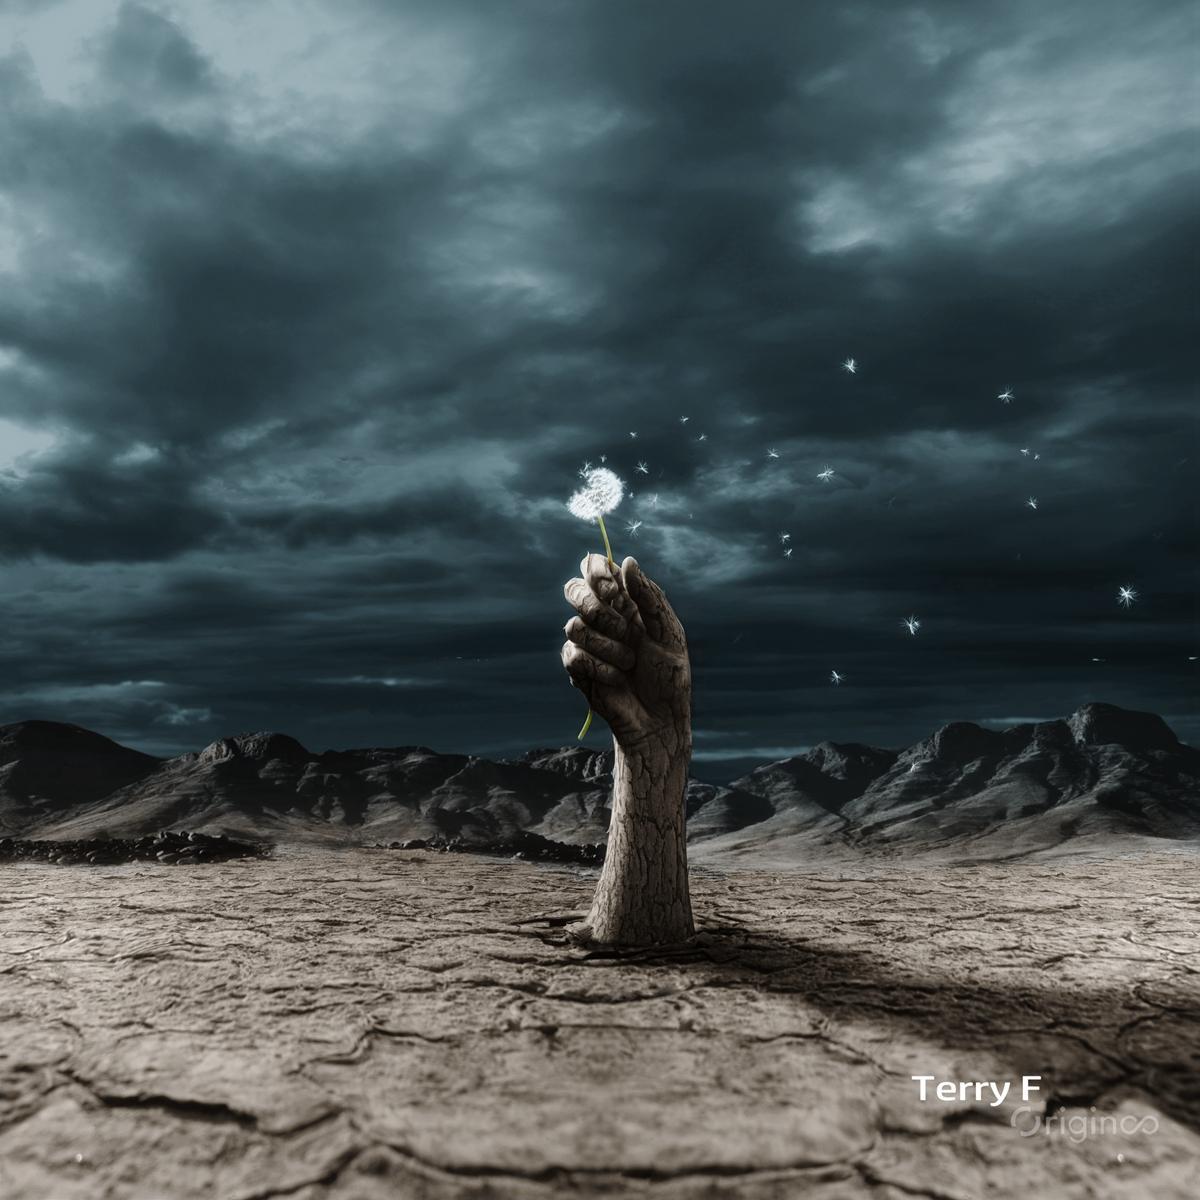 观念摄影组图_观念摄影——他用这样的方式,呈现自己的梦境 - 知乎